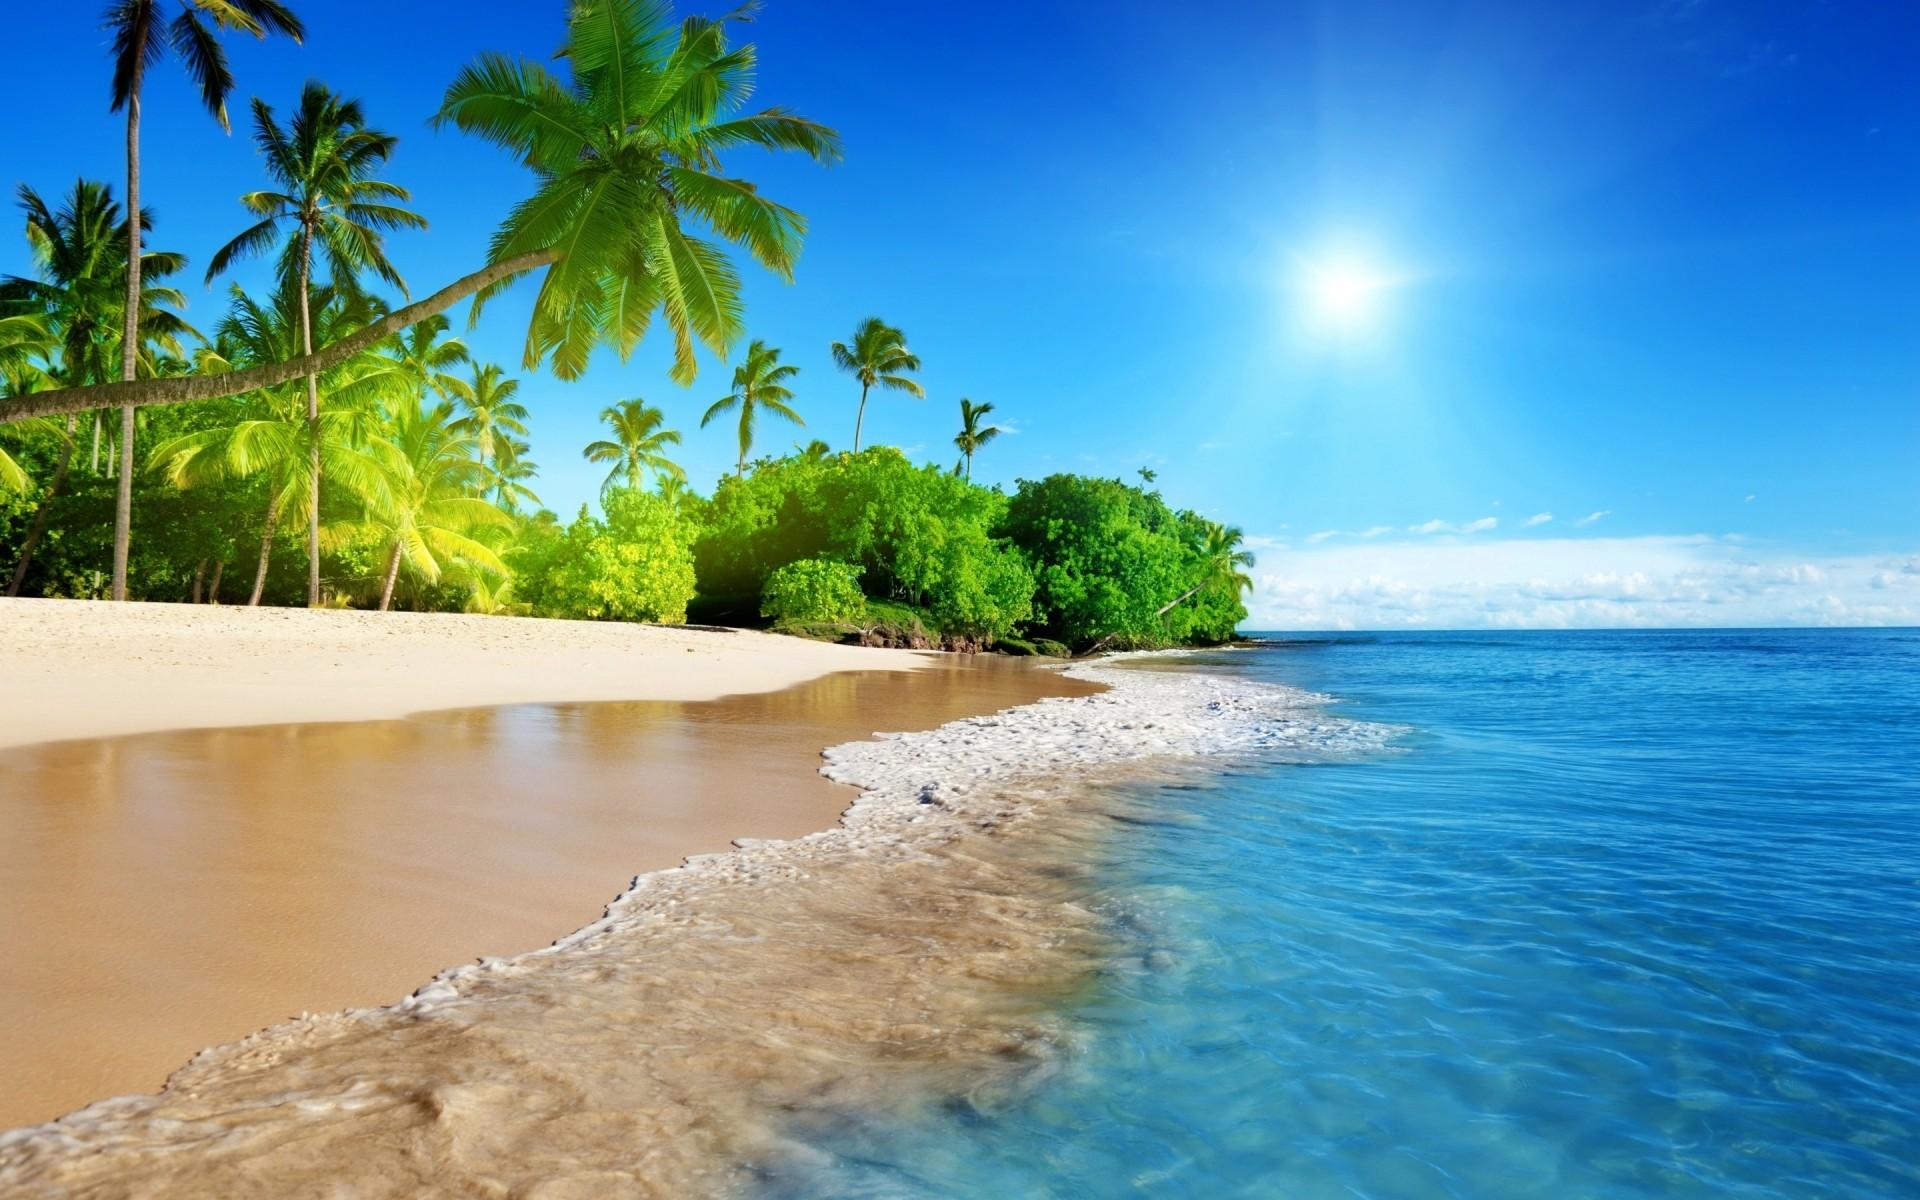 красивые пляжи обои на рабочий стол № 1104573 без смс